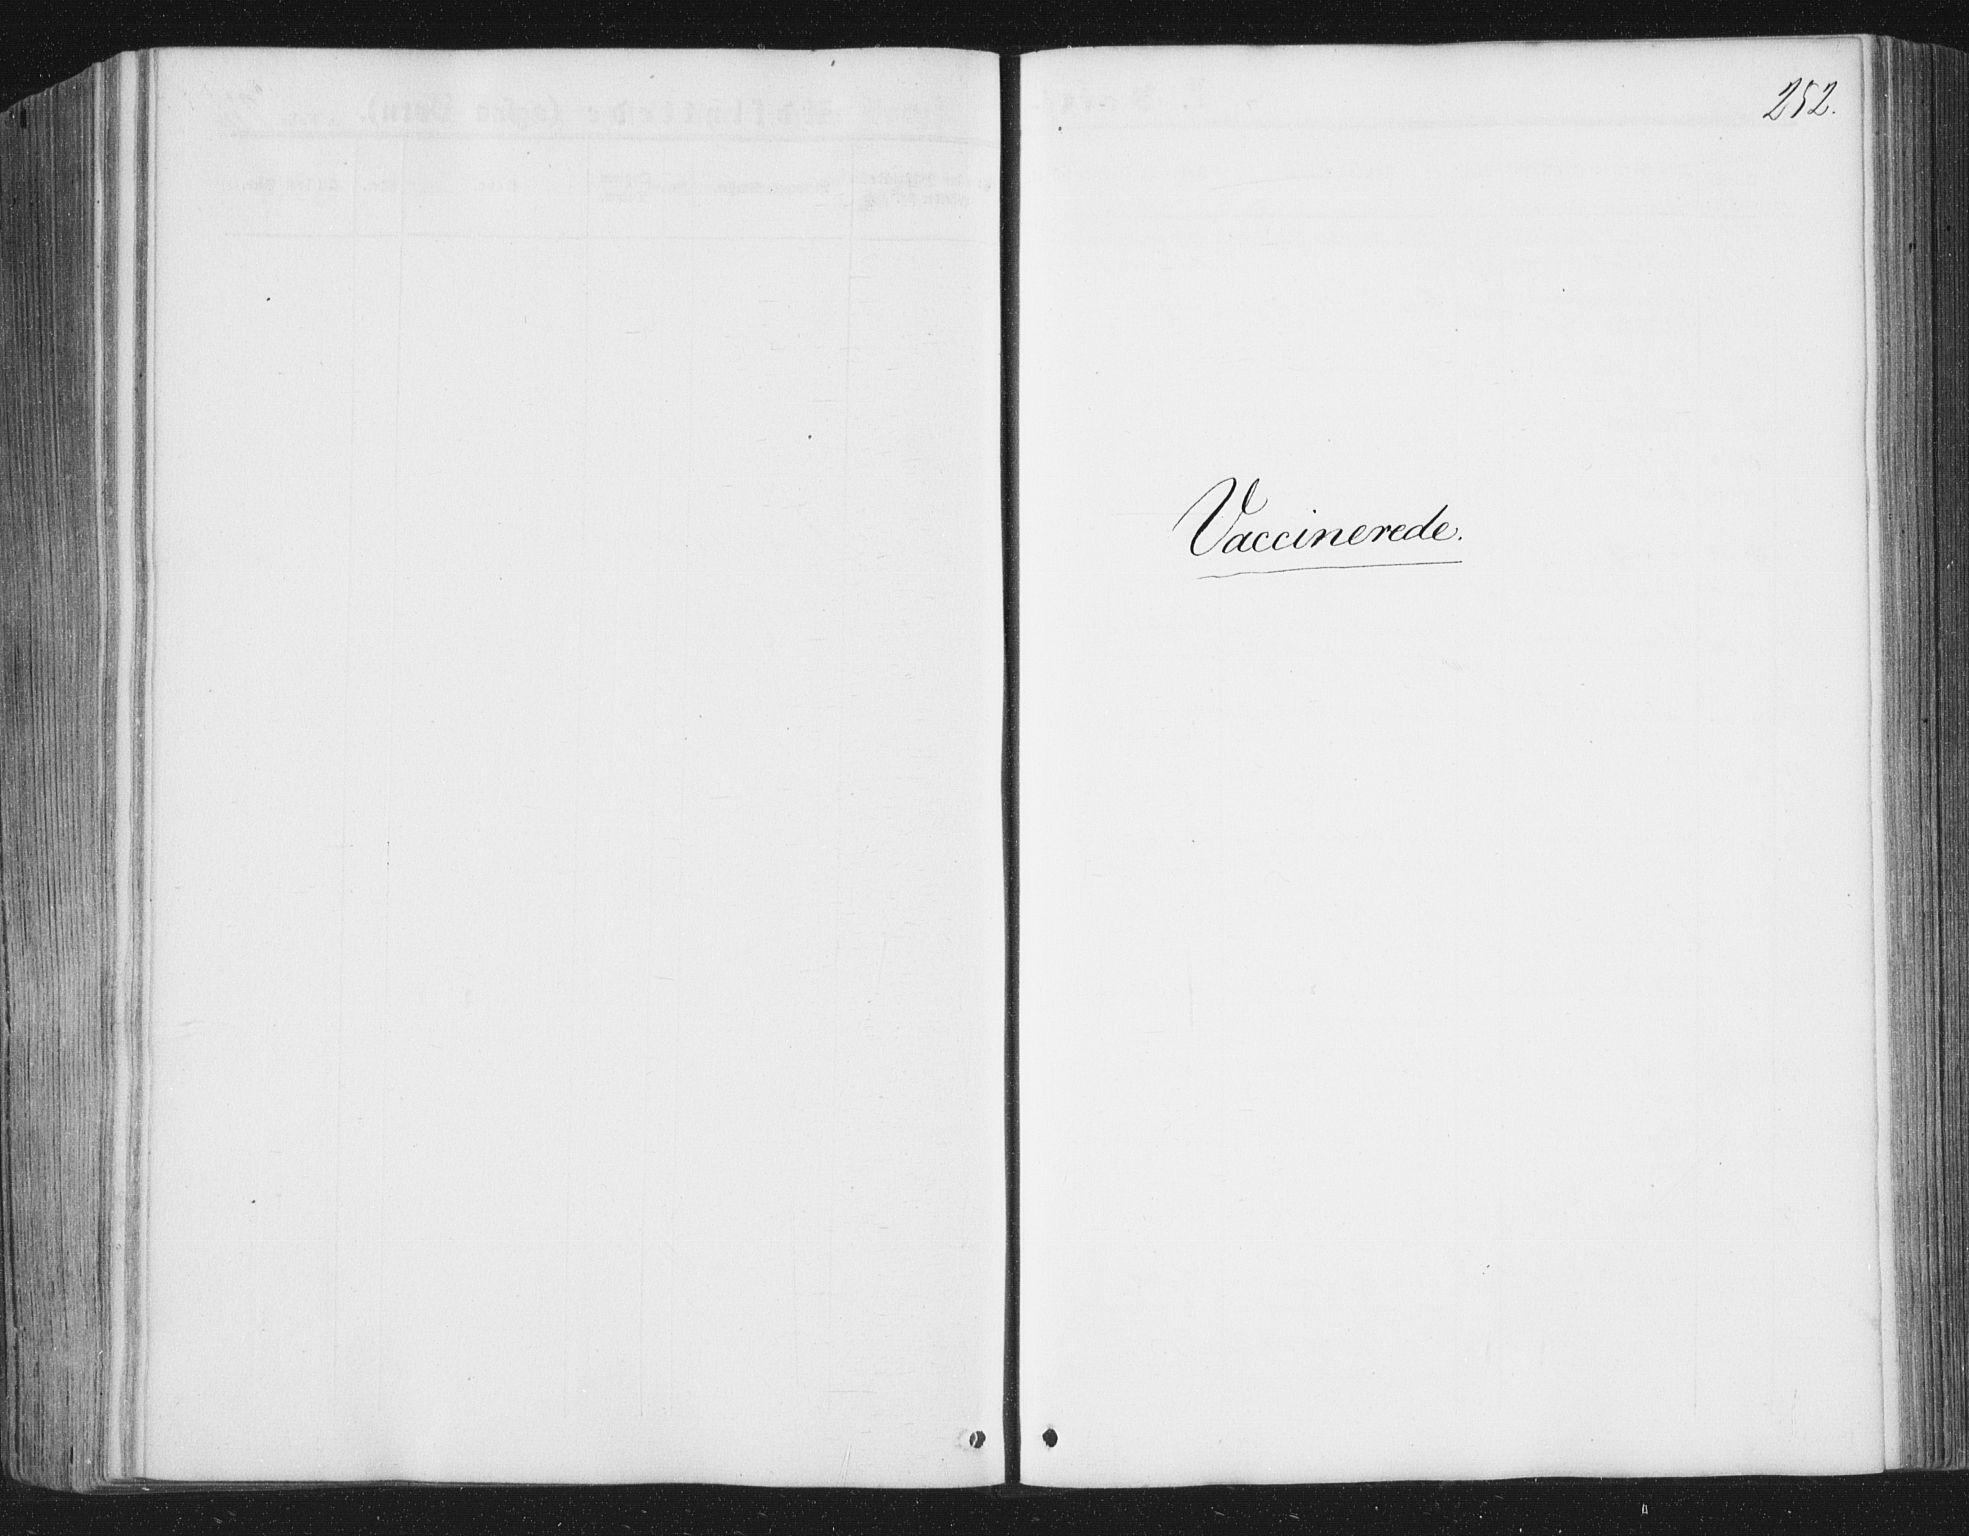 SAT, Ministerialprotokoller, klokkerbøker og fødselsregistre - Nord-Trøndelag, 749/L0472: Ministerialbok nr. 749A06, 1857-1873, s. 252